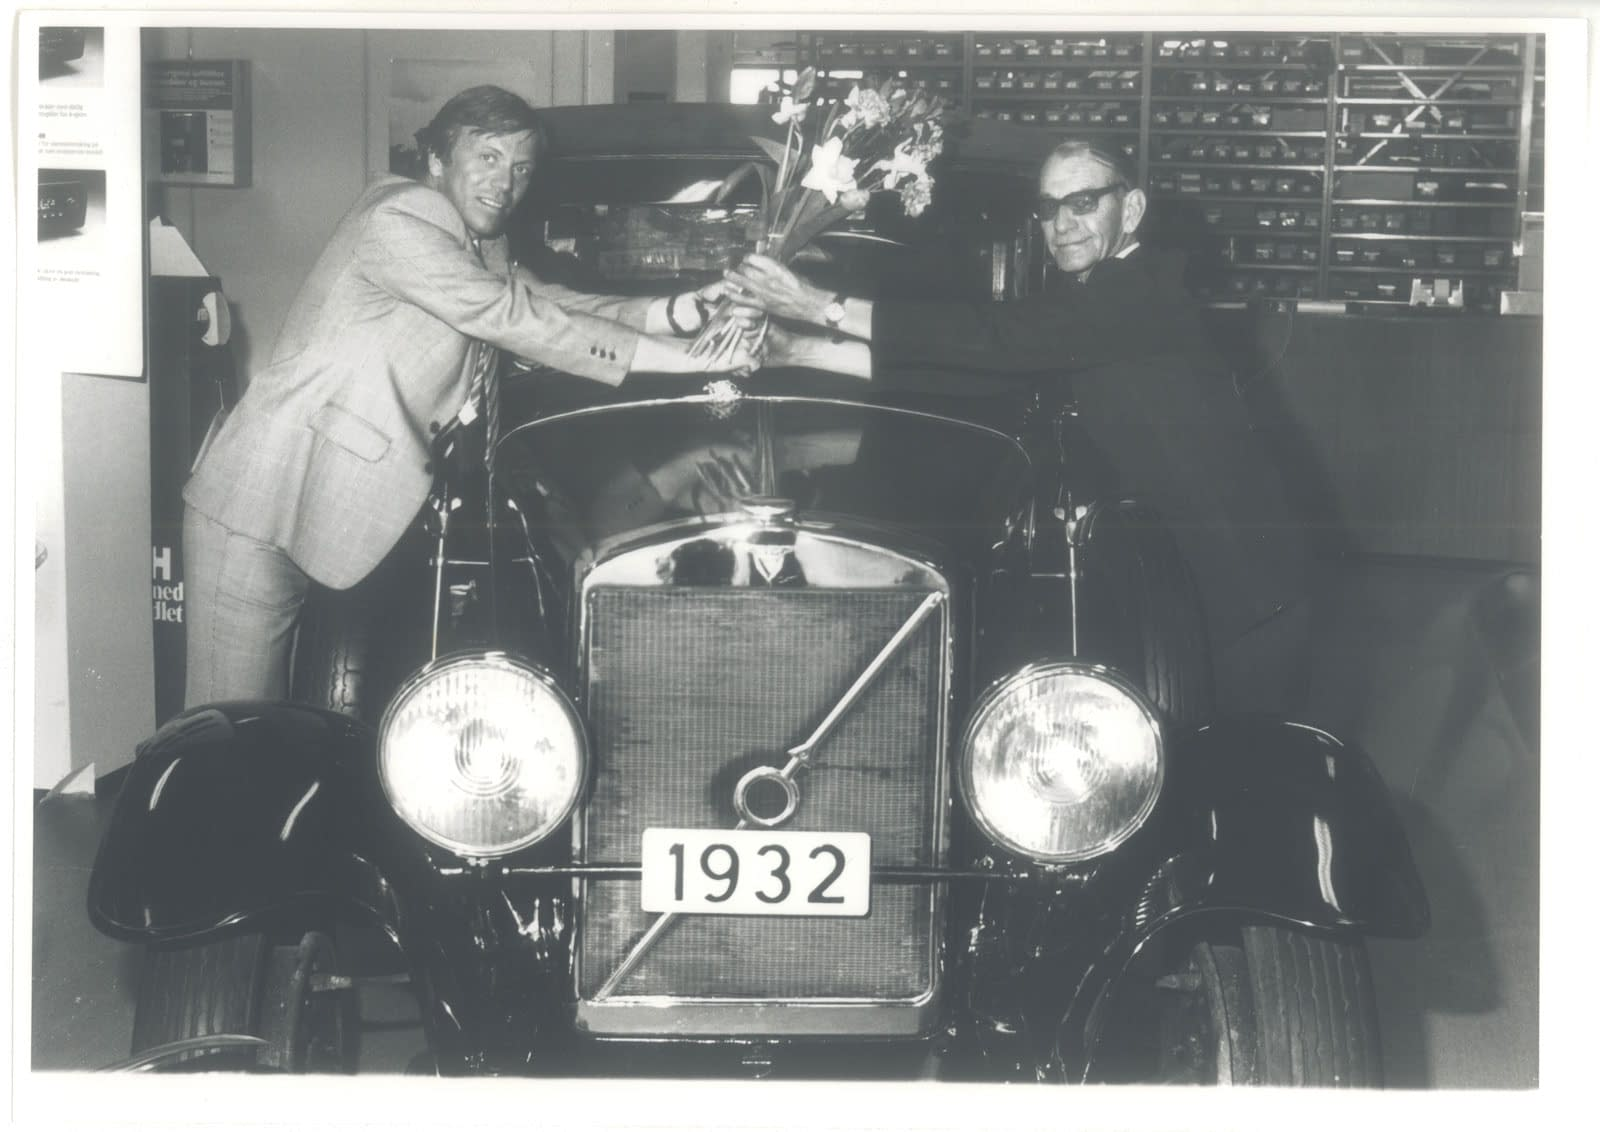 Historisk bilde fra Bilservice bilSpiten - les mer om oss og vår historie her.